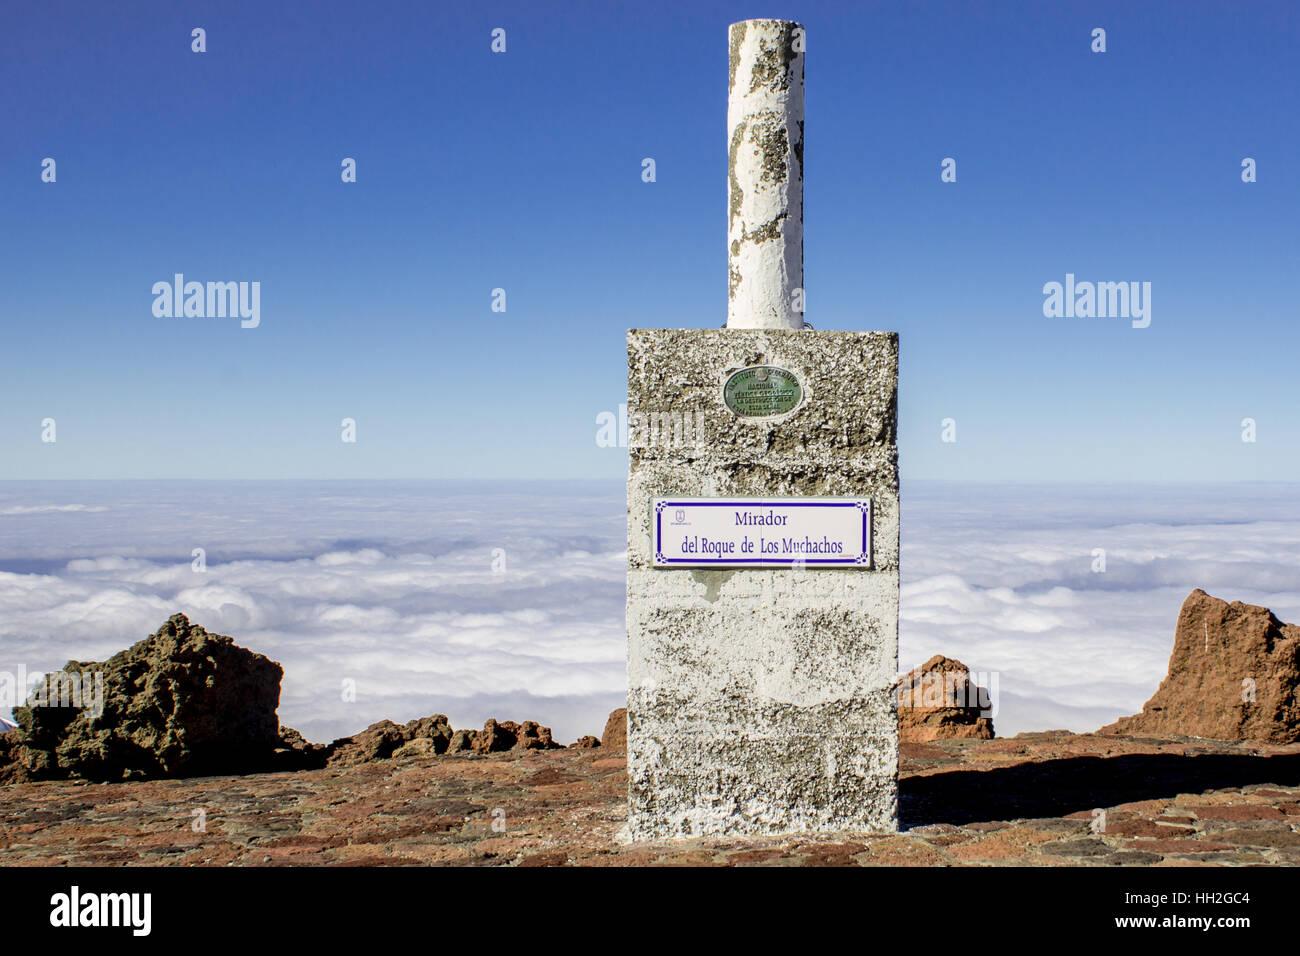 Mirador del Roque de los Muchachos. Le plus haut sommet de La Palma, Îles Canaries, Espagne. Banque D'Images